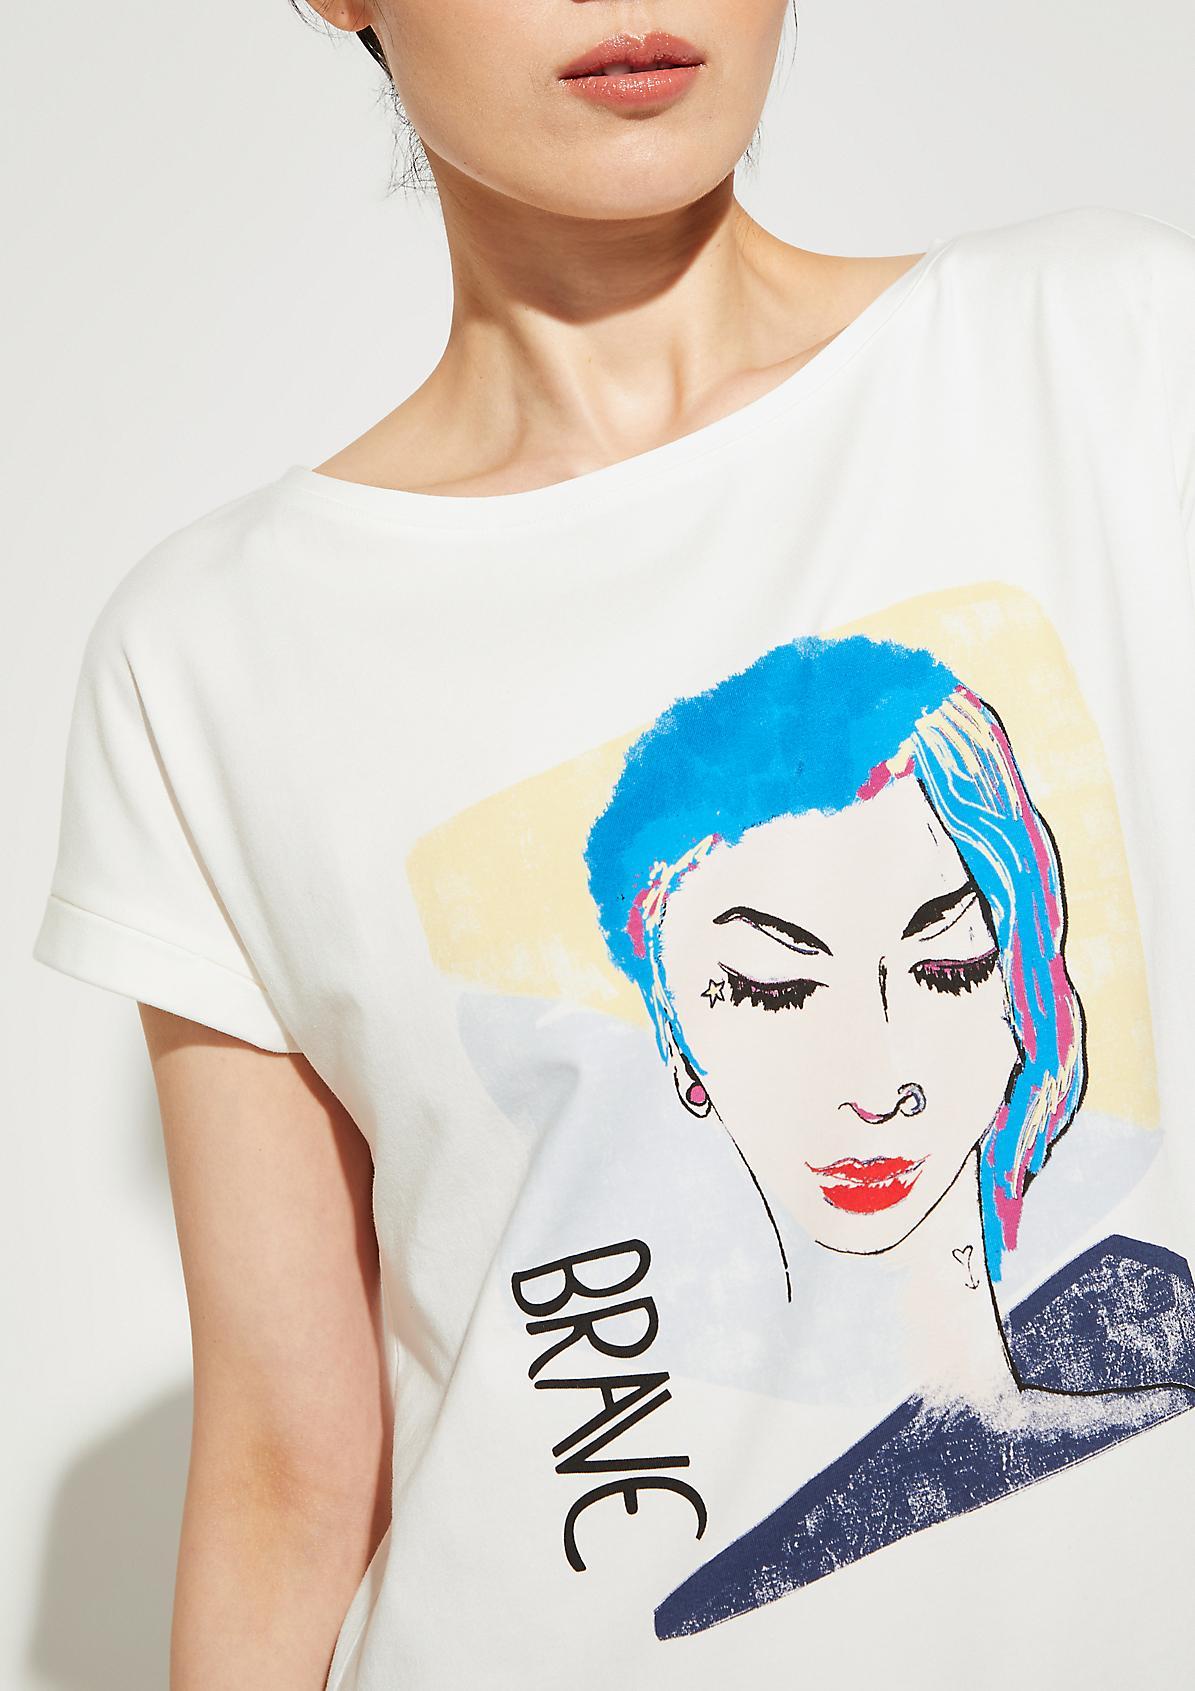 Jerseyshirt mit aufwendig gestaltetem Frontprint